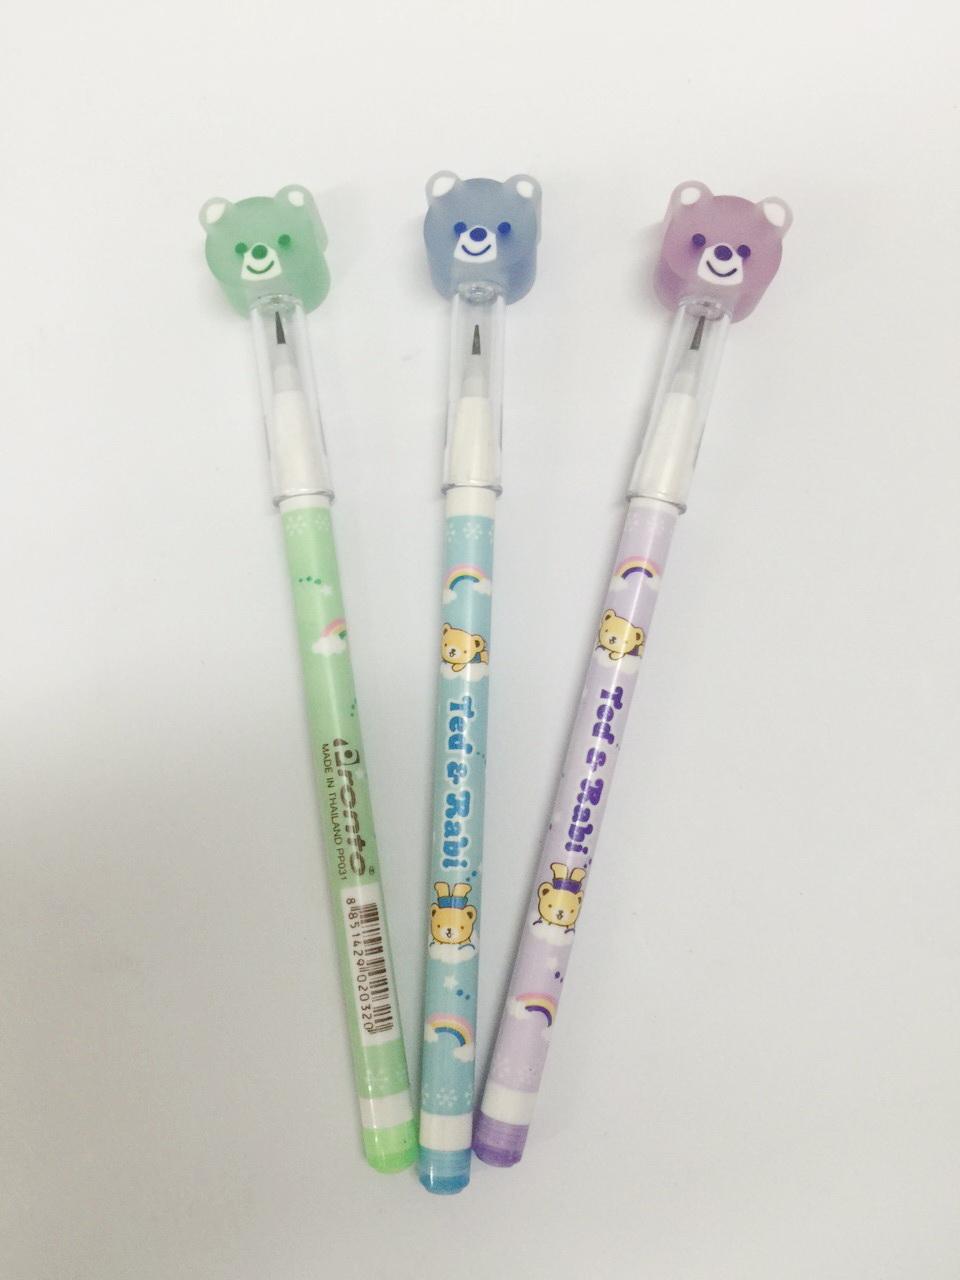 ดินสอต่อไส้้หัวยางลบ (ขายส่งกระป๋อง 24 แท่ง)